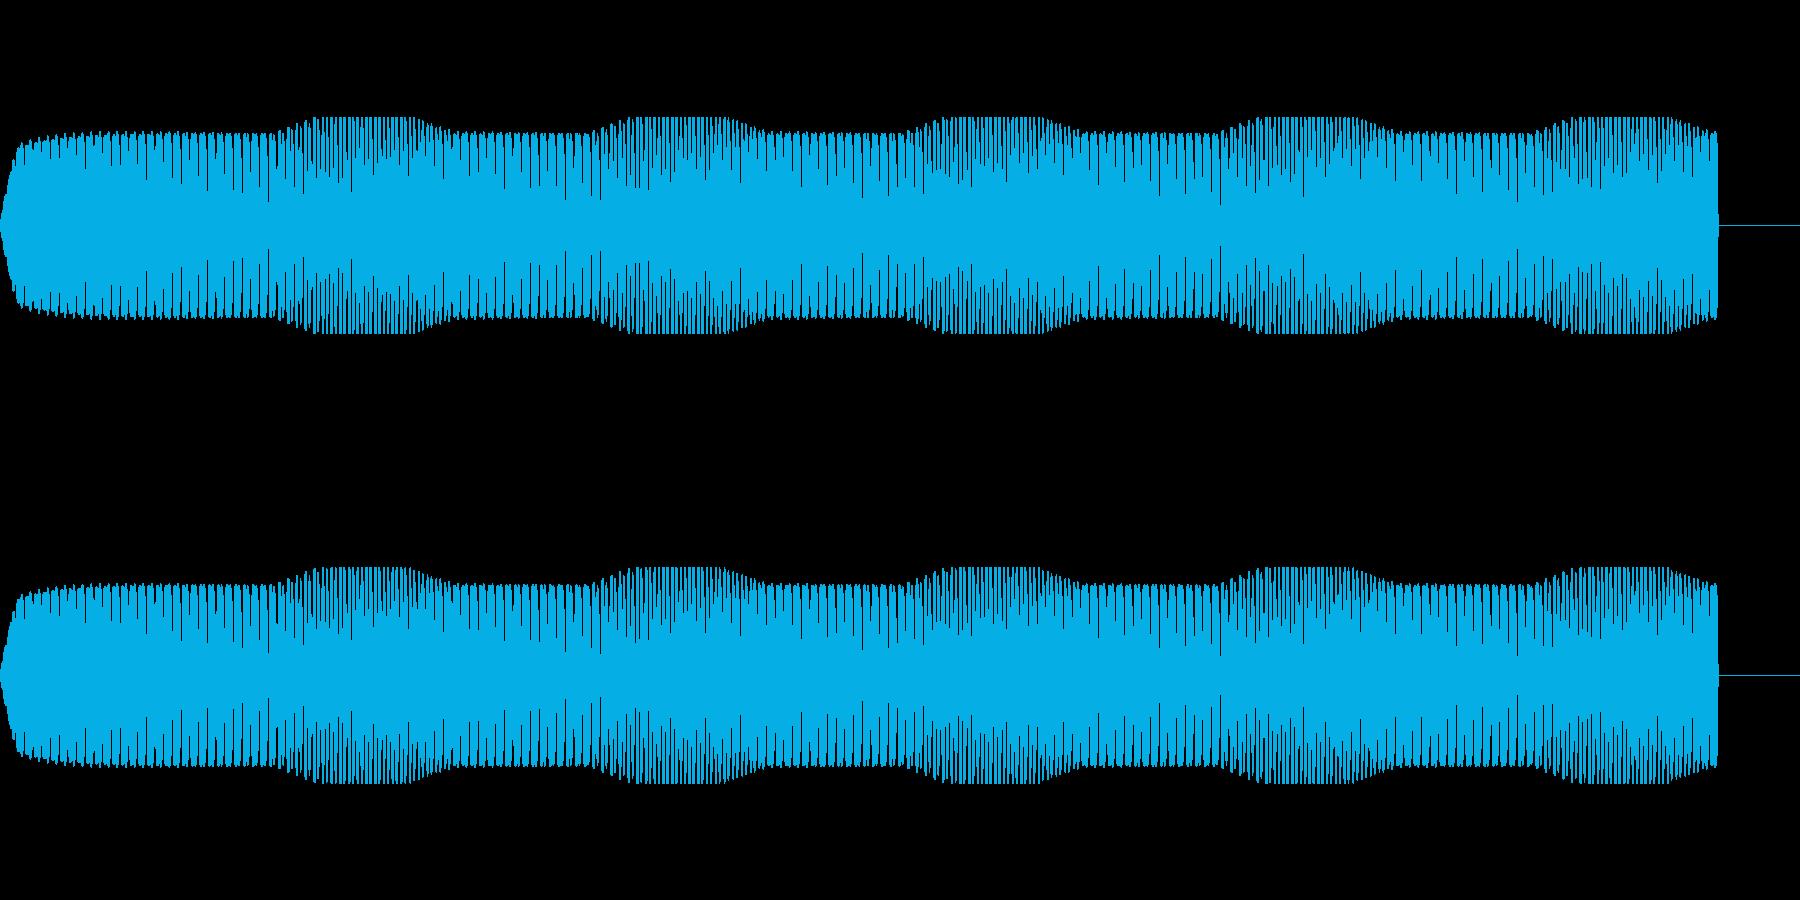 モータ・エンジンの駆動音【ドドドドド】の再生済みの波形